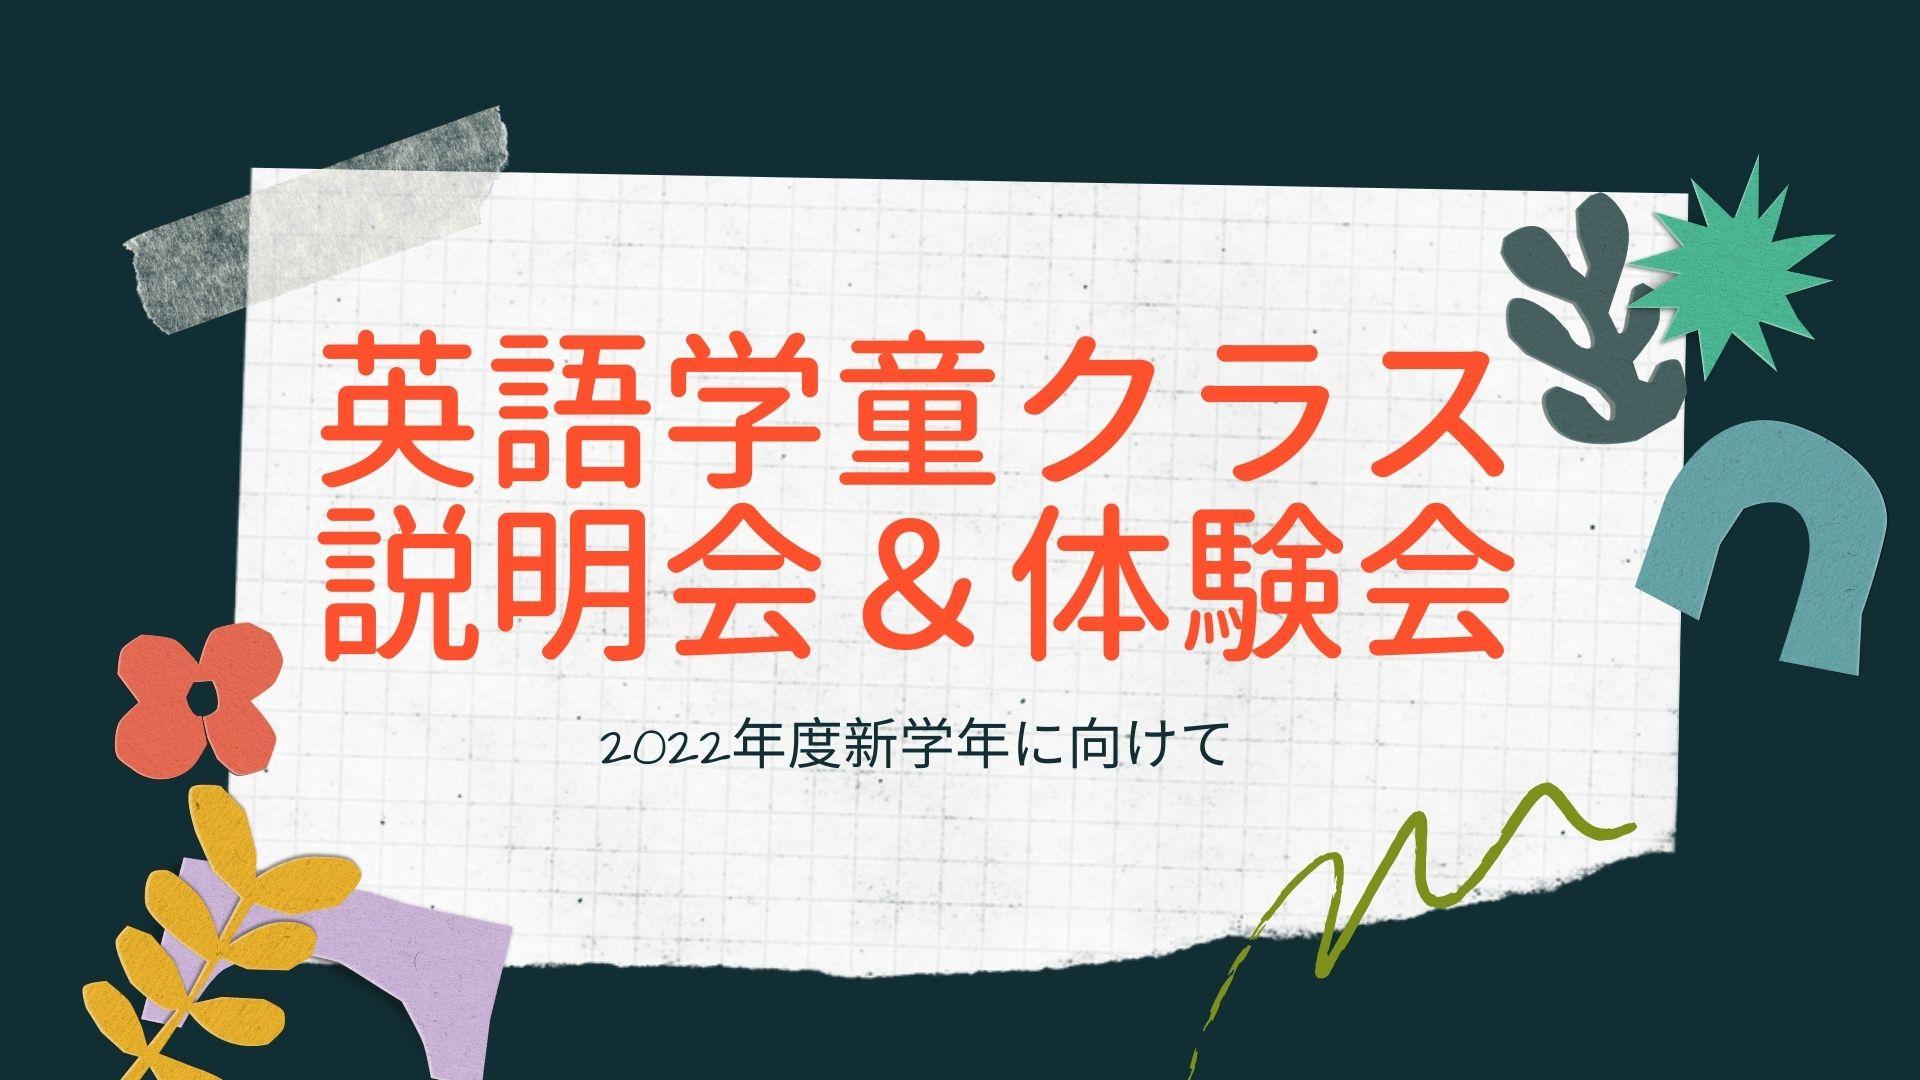 《同時開催》学童クラス 入会説明会 & 体験会 開始 〜2022年度新学年に向けて〜